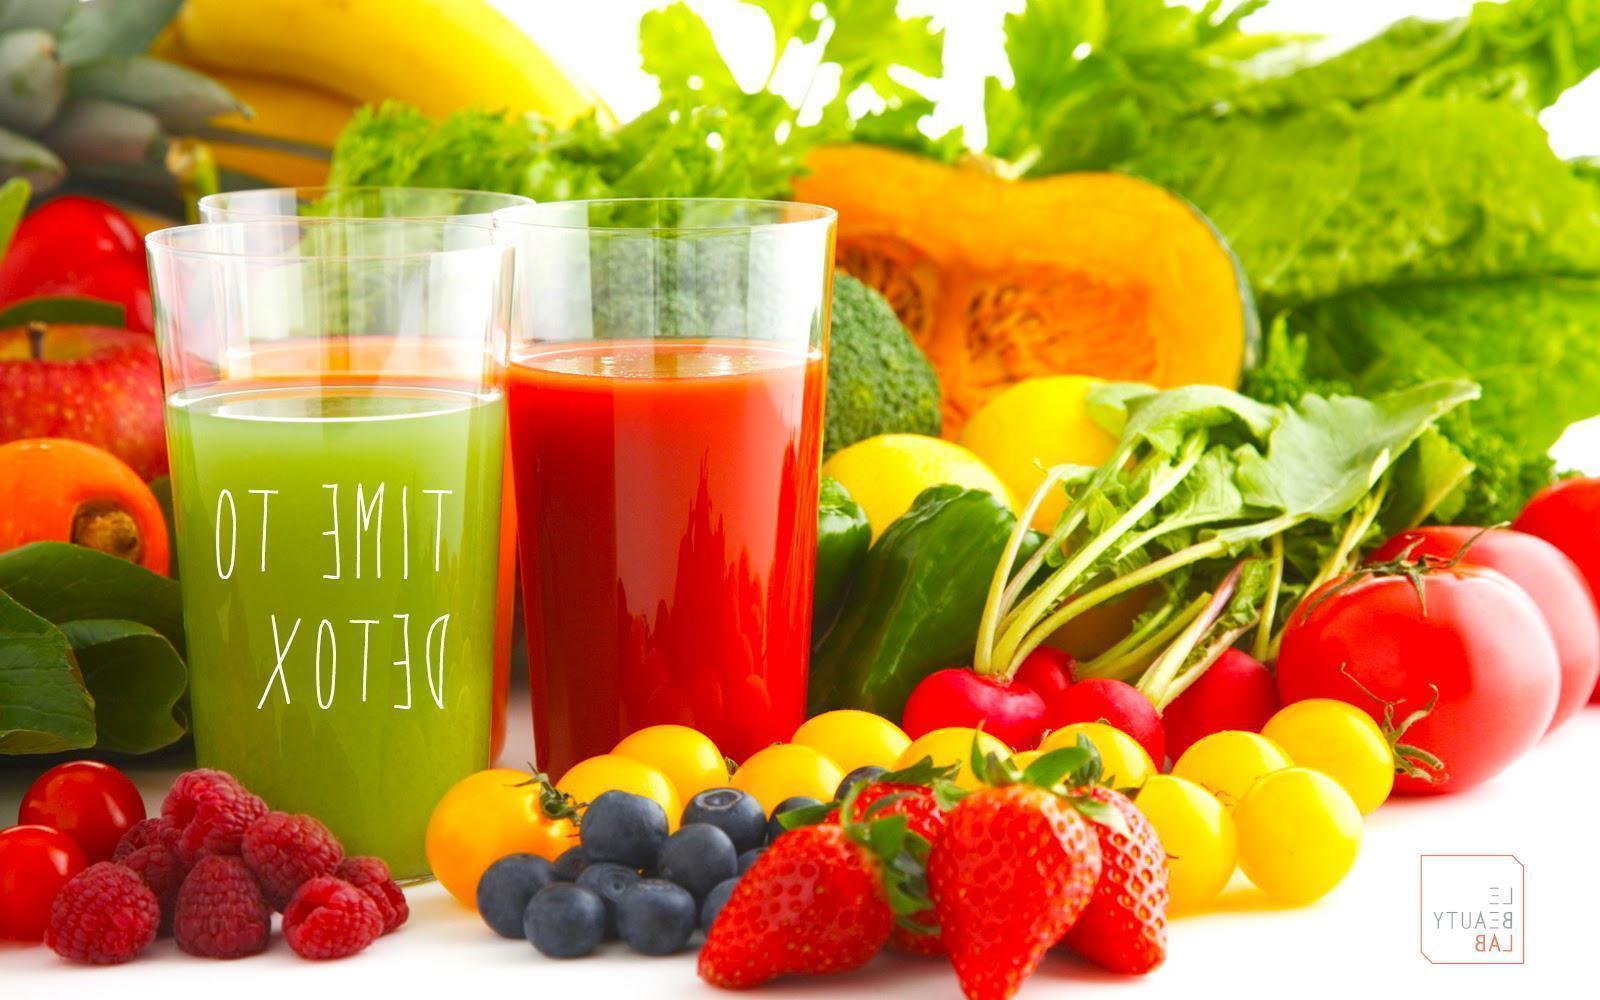 """O Mito das Dietas e Estratégias de Desintoxicação ou """"Detox"""""""